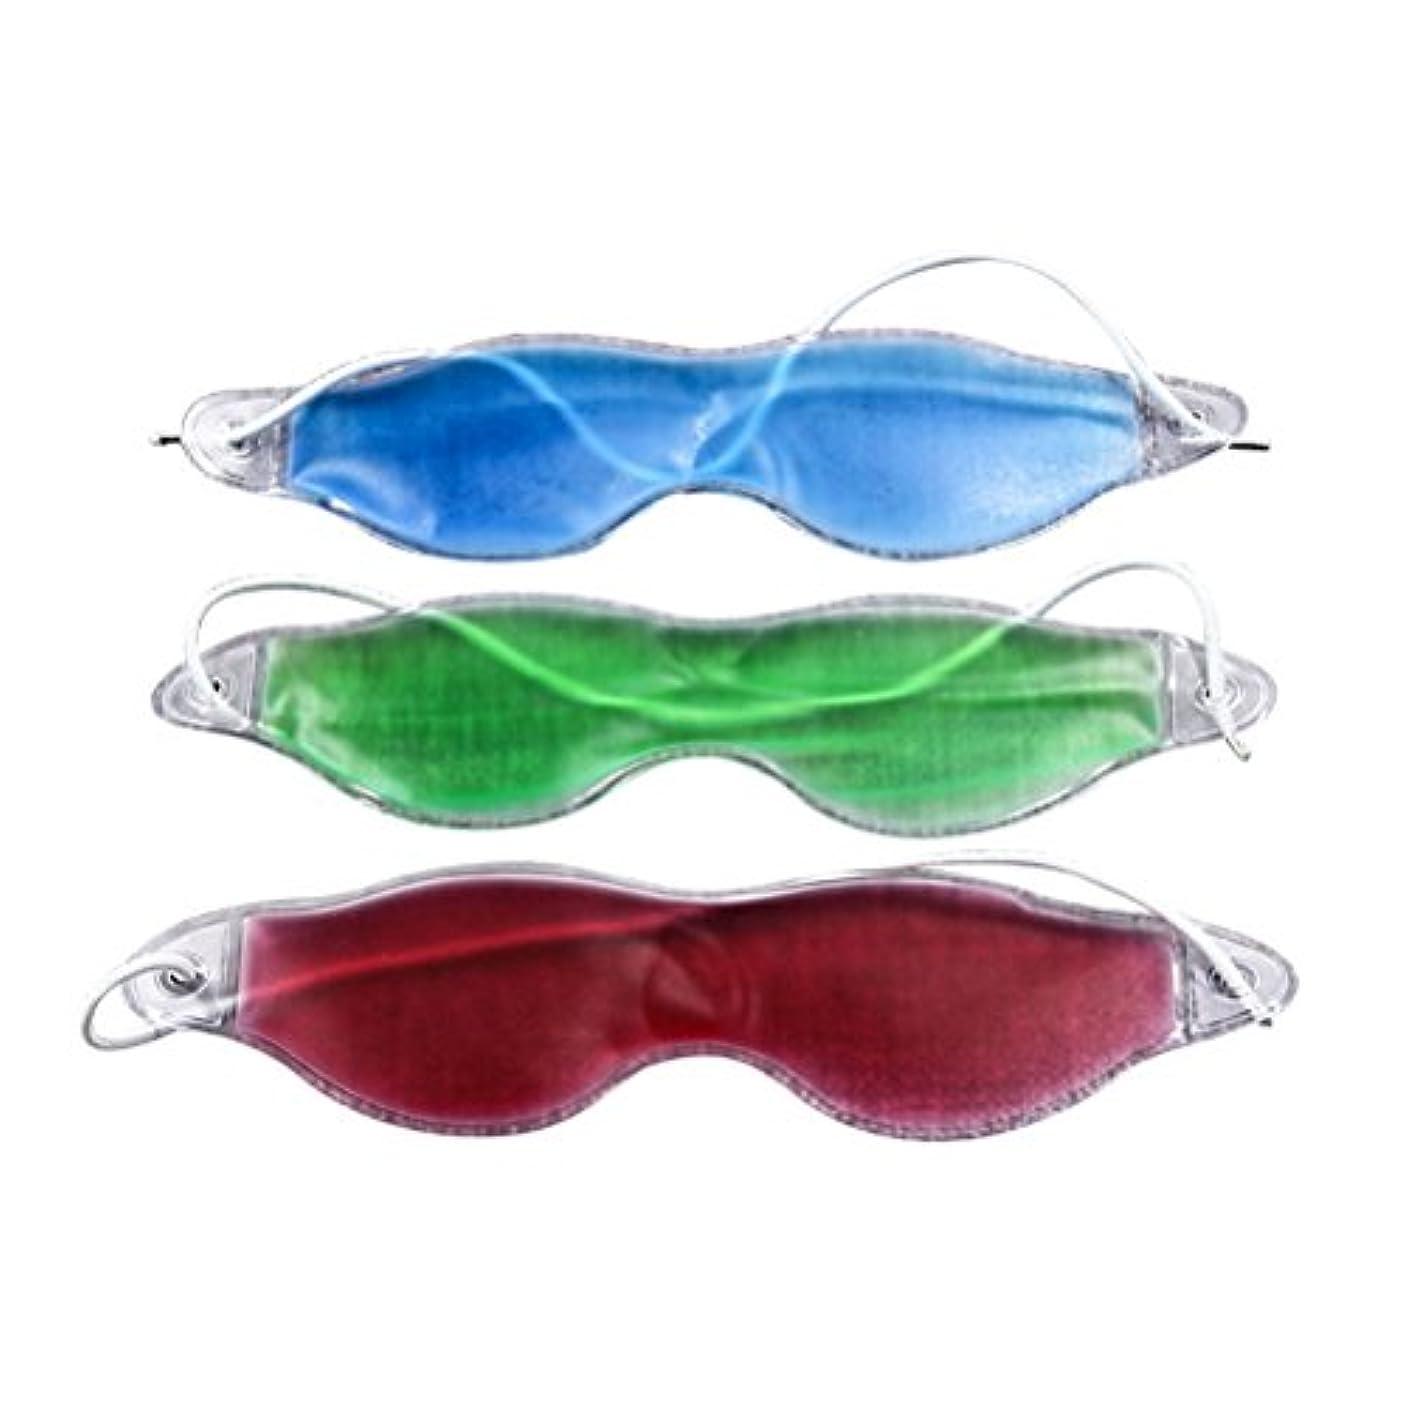 仕方雄弁粘性のSUPVOX 3ピースアイスアイマスクリラックス治療冷却ジェルコールドセラピーアイマスク用緩和ダークサークルアイパフネス飛行機旅行